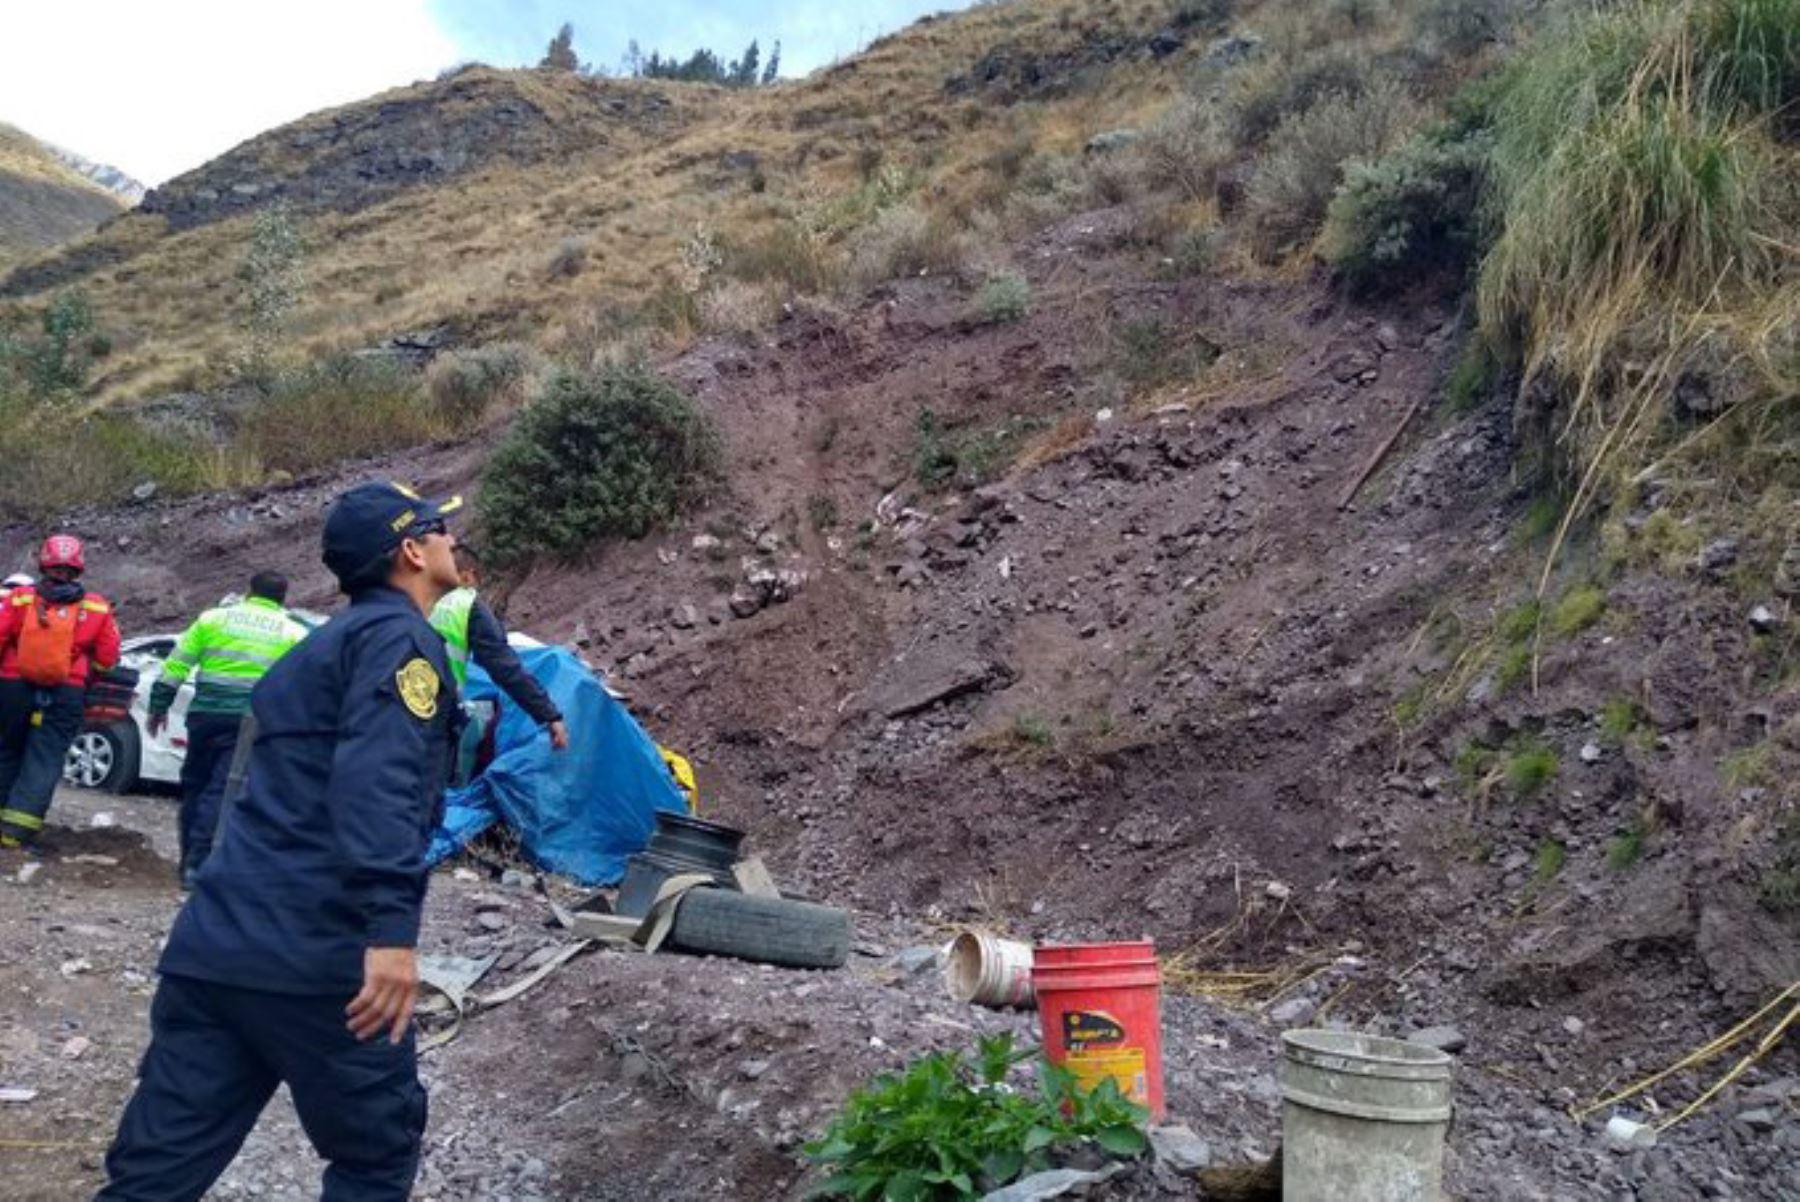 Policías y bomberos participan en las labores de rescate tras accidente registrado en el kilómetro 103 de la carretera Central, en Huarochirí.